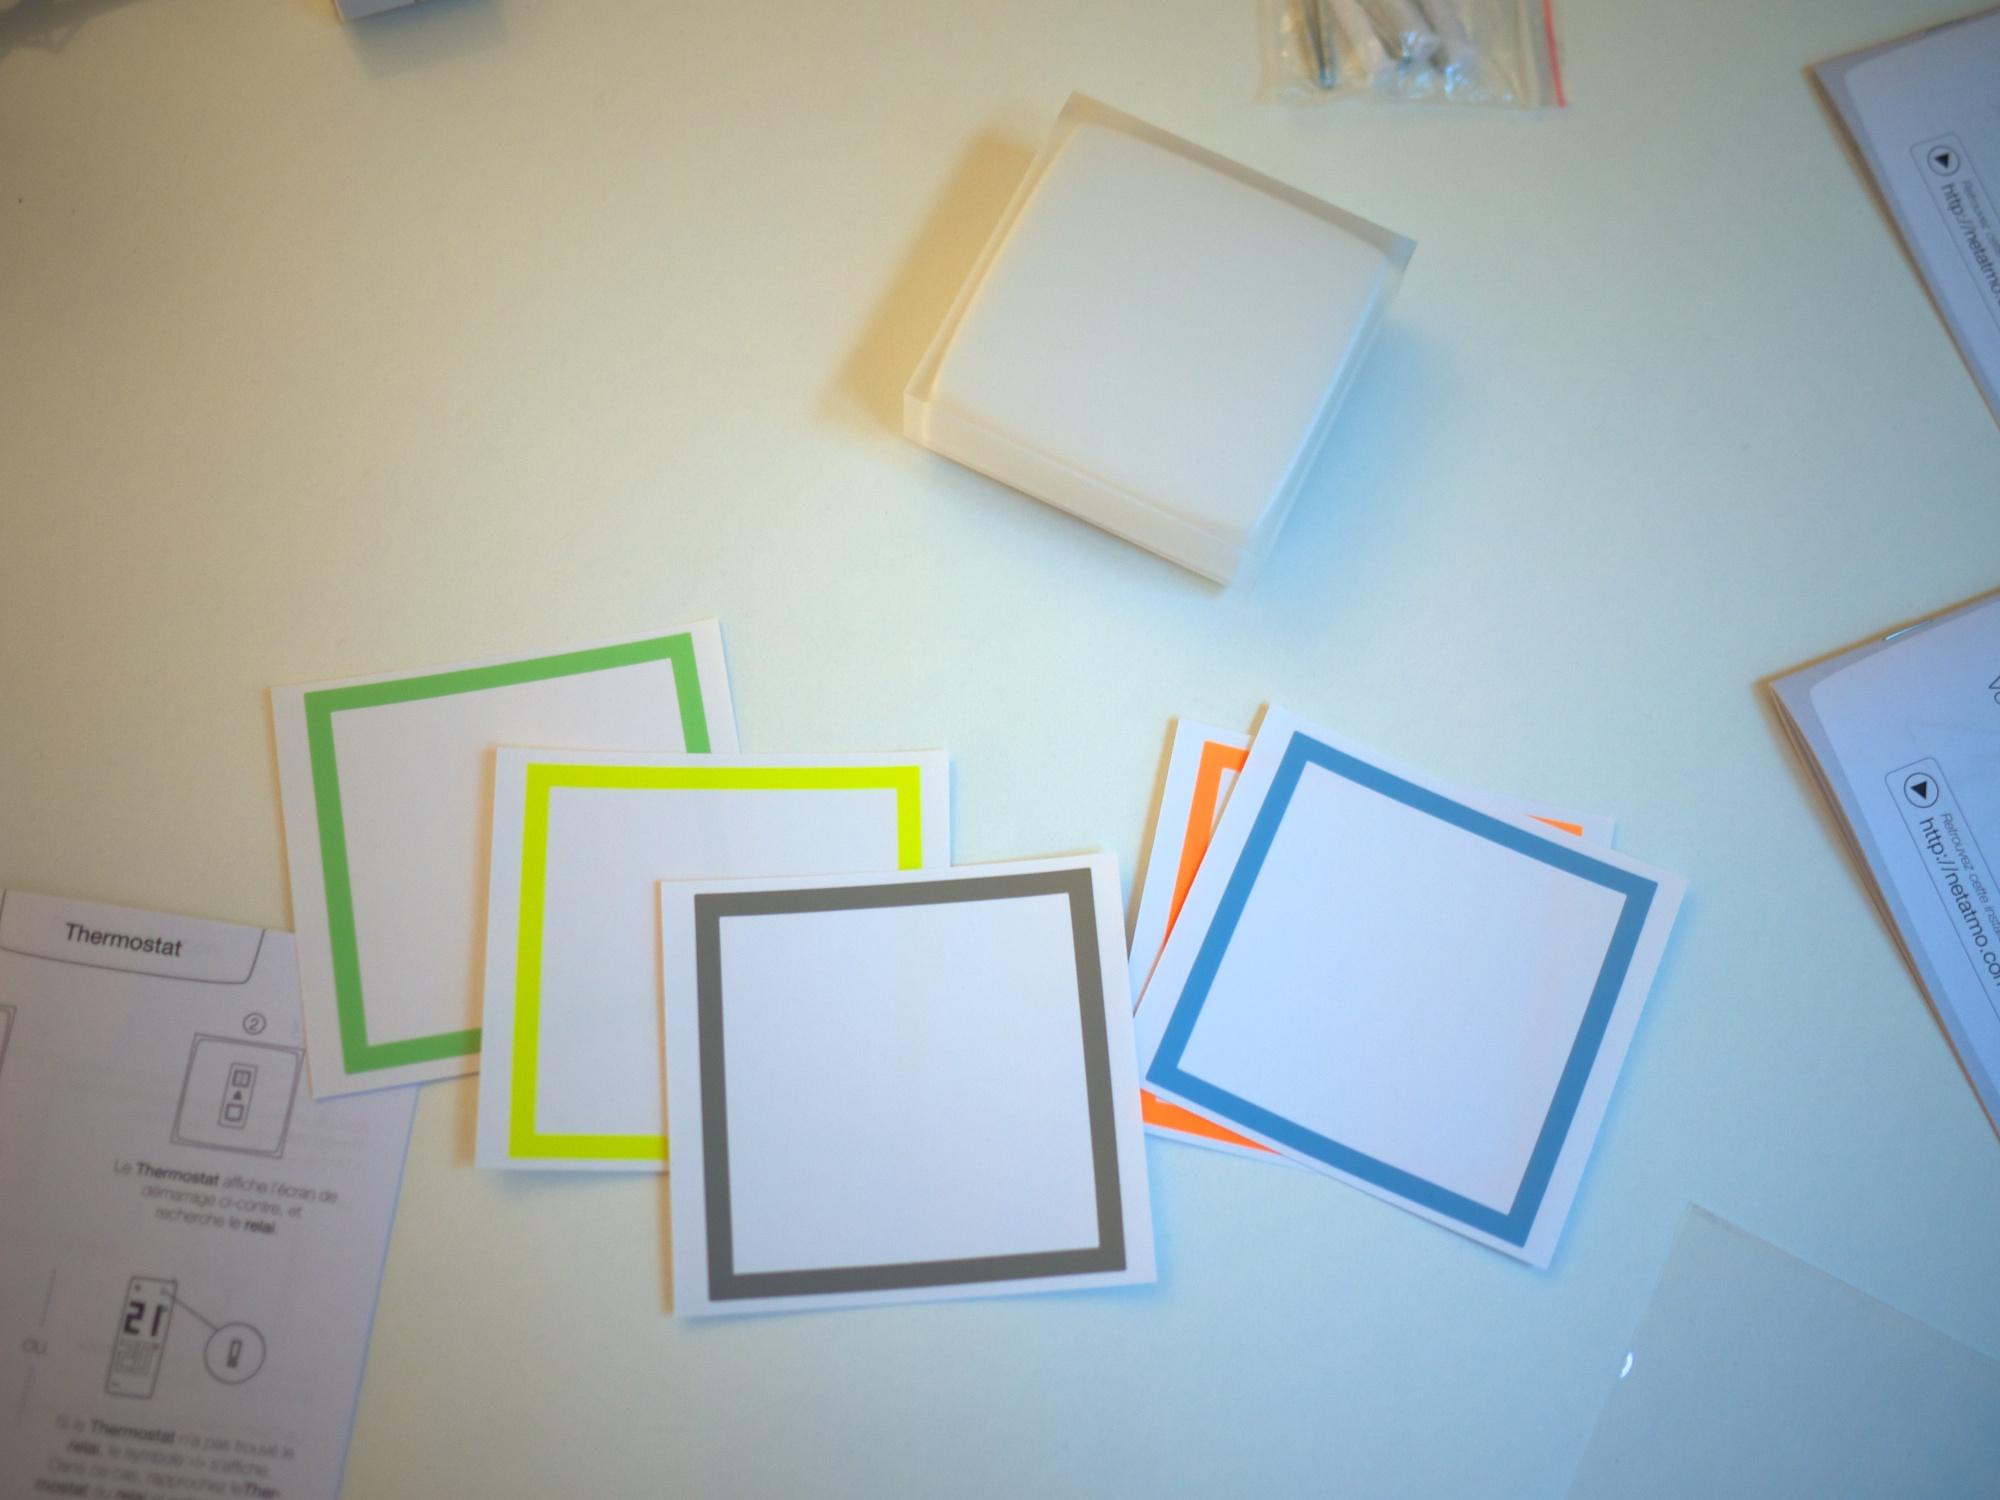 Les cadres de couleur